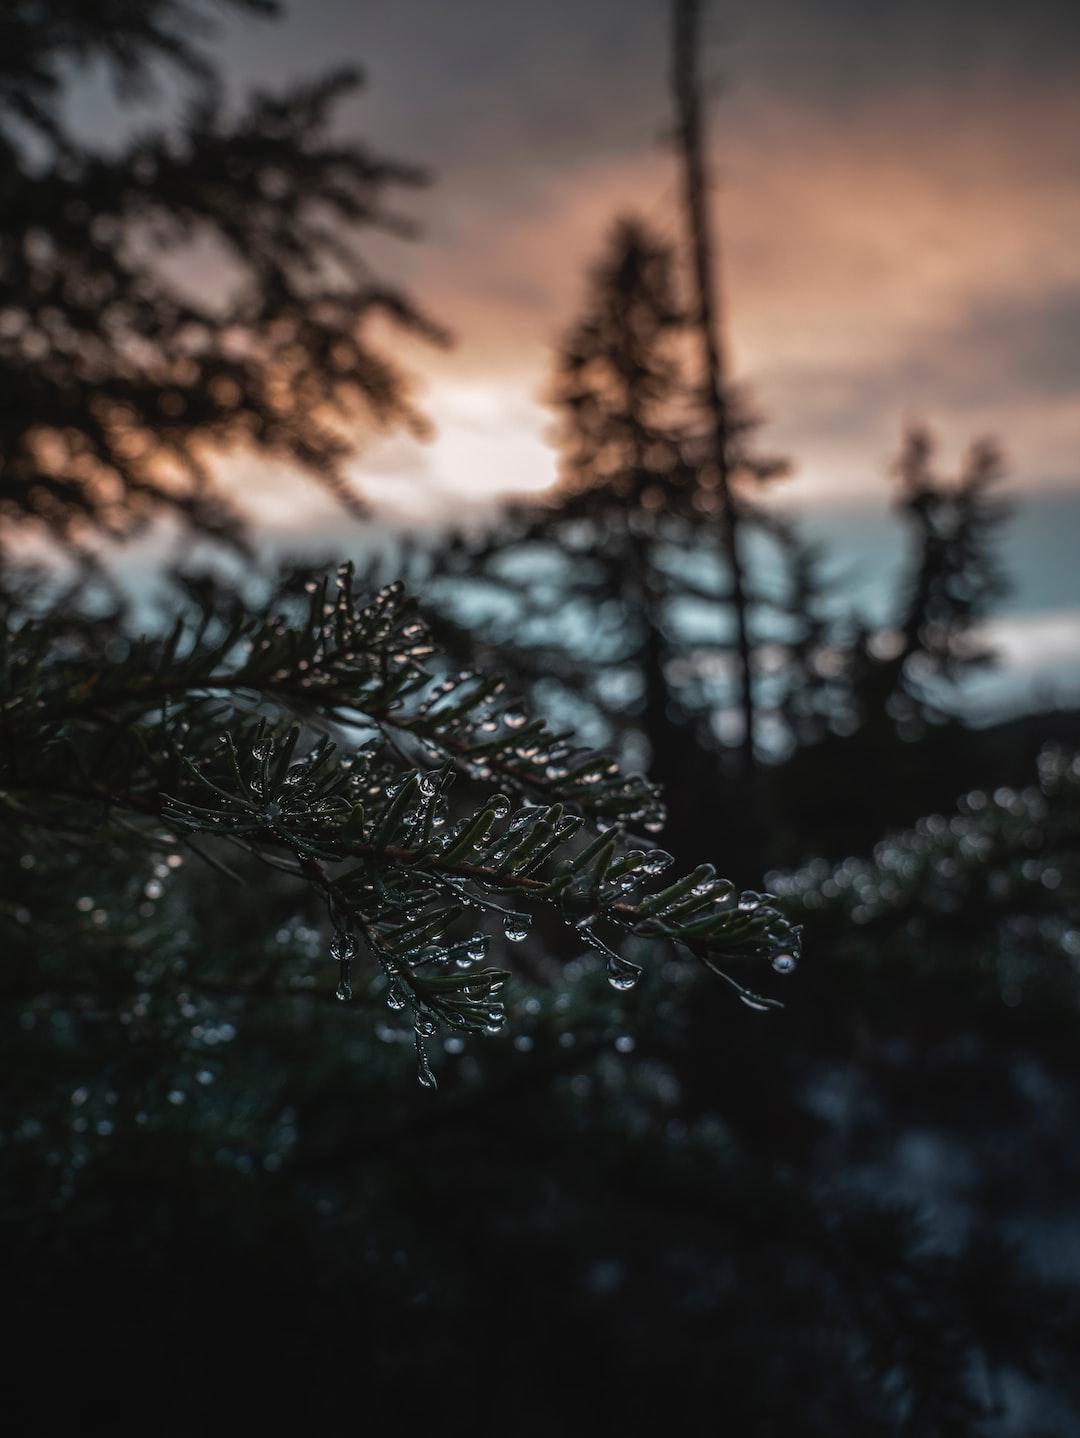 Munro Lake